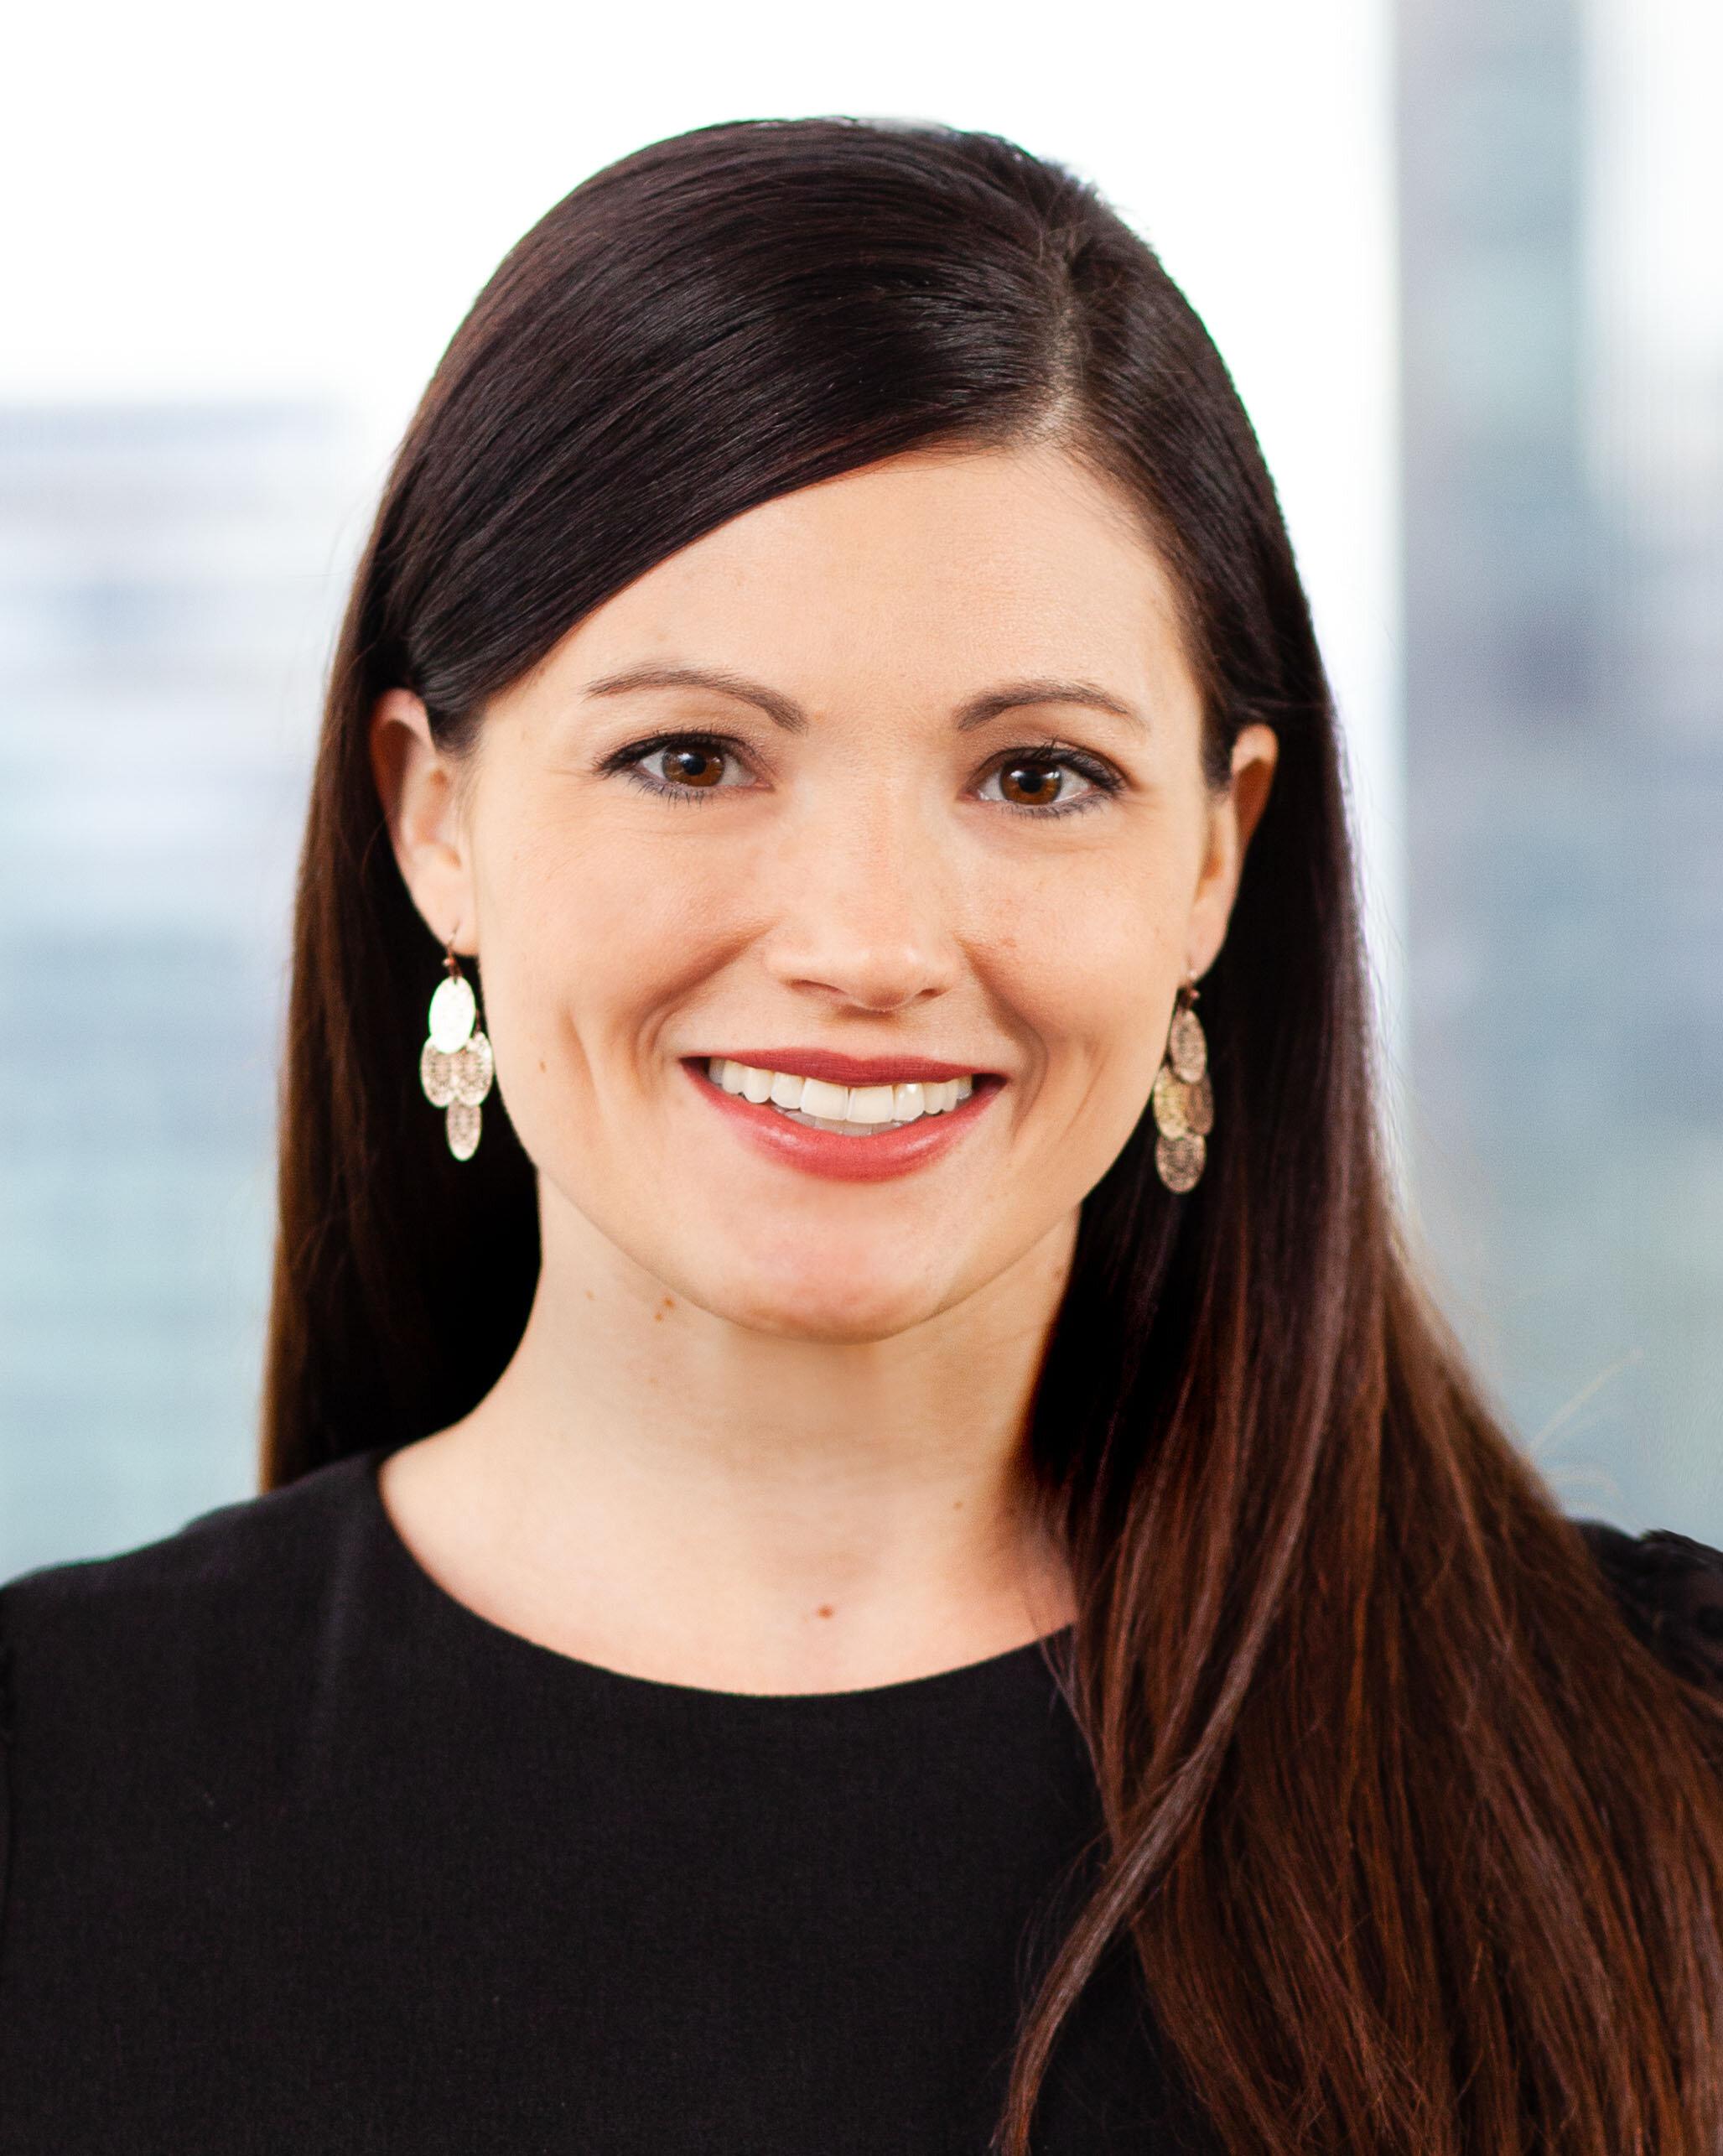 Christina Capadona-Schmitz <br> Work/Life Balance Panel